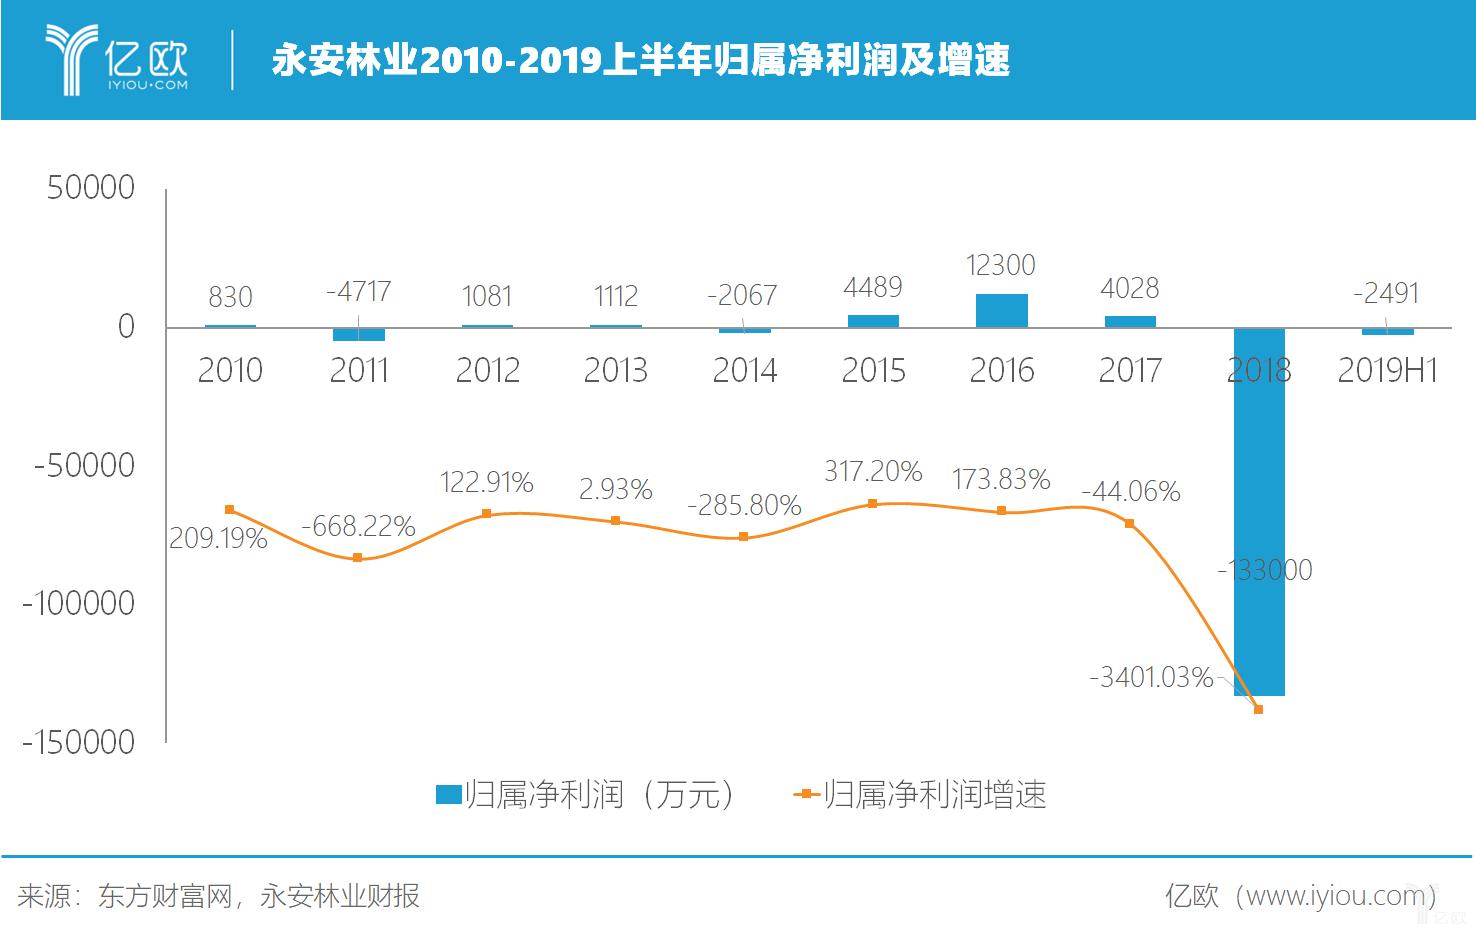 永安林业2010-2019上半年归属净利润及增速